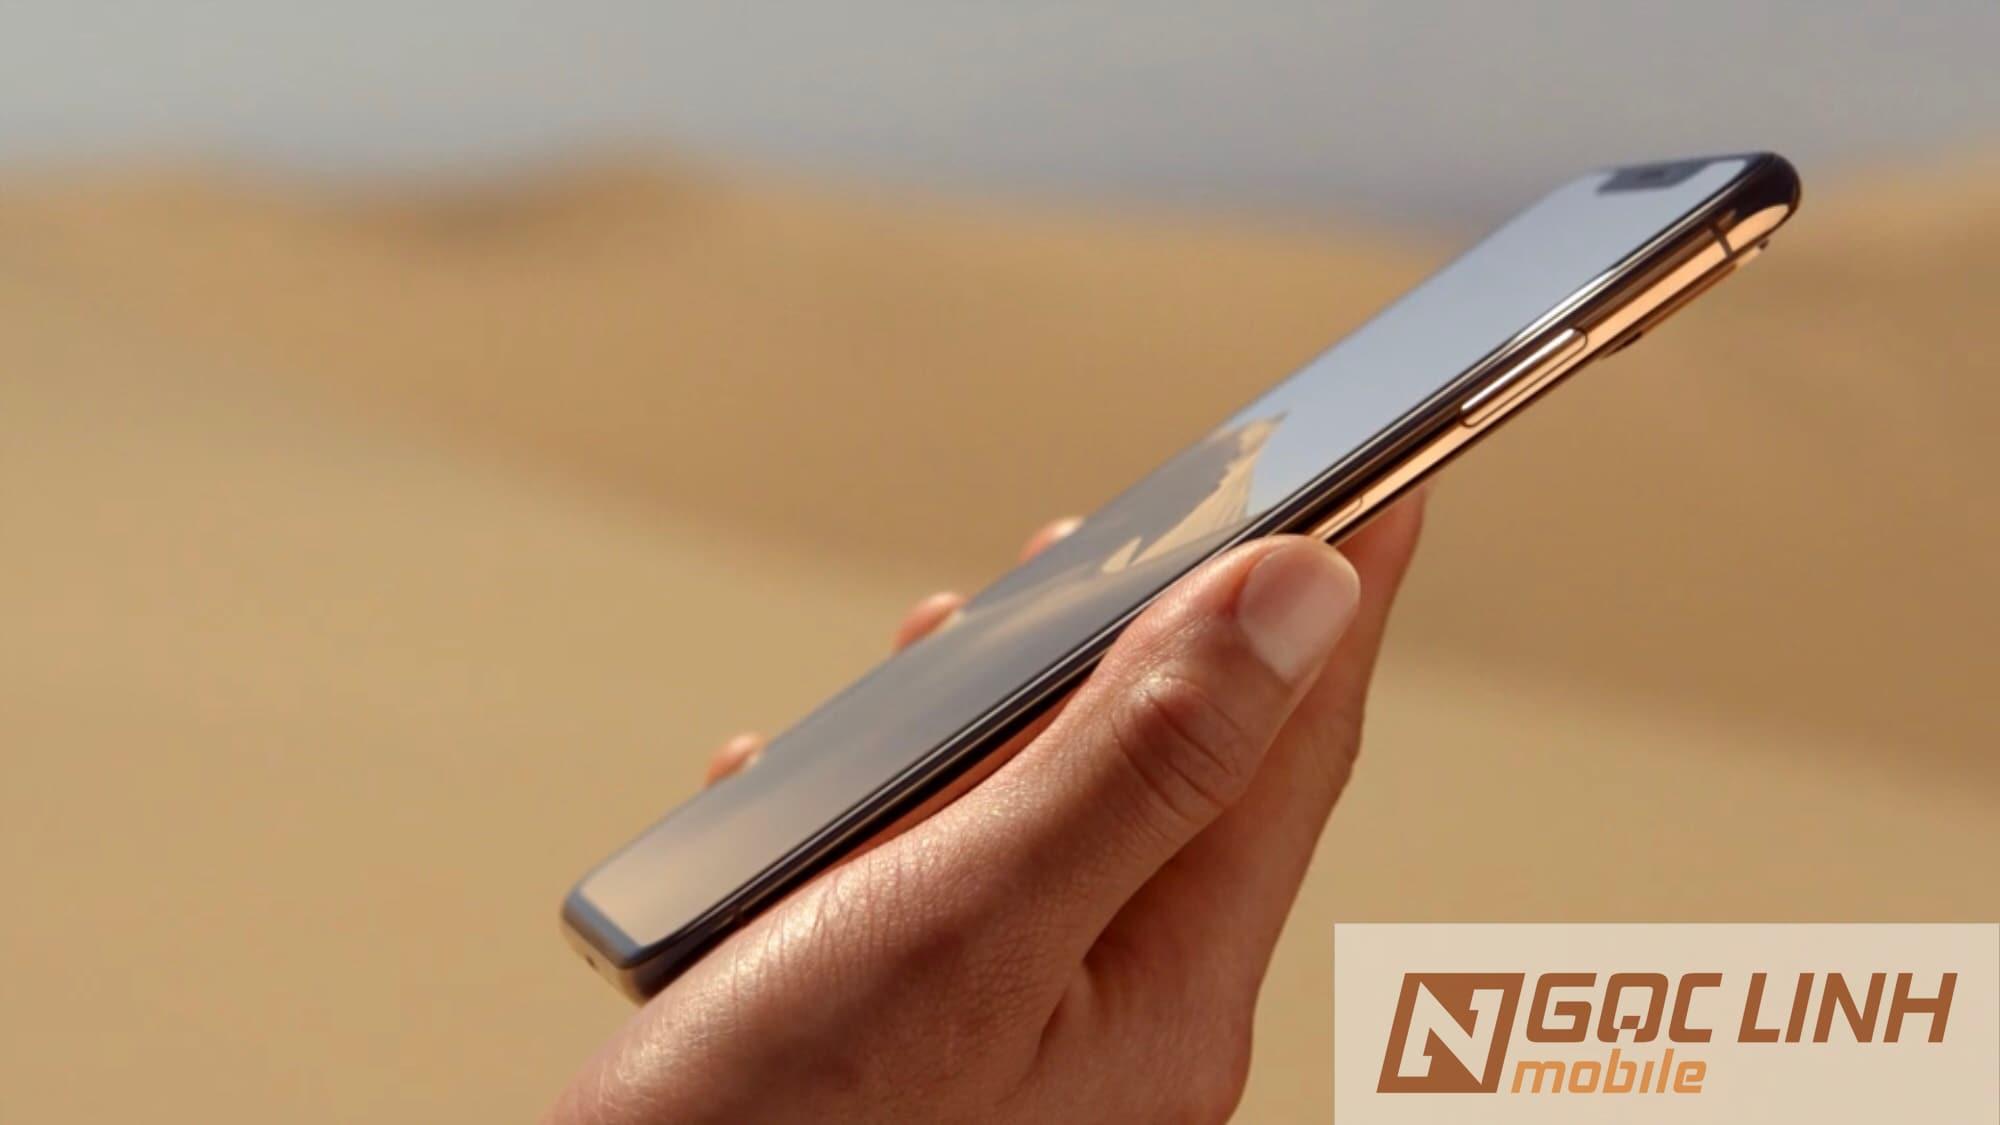 iPhone Xs iPhone Xs - iPhone Xs có tản nhiệt như Note 9 hay không?